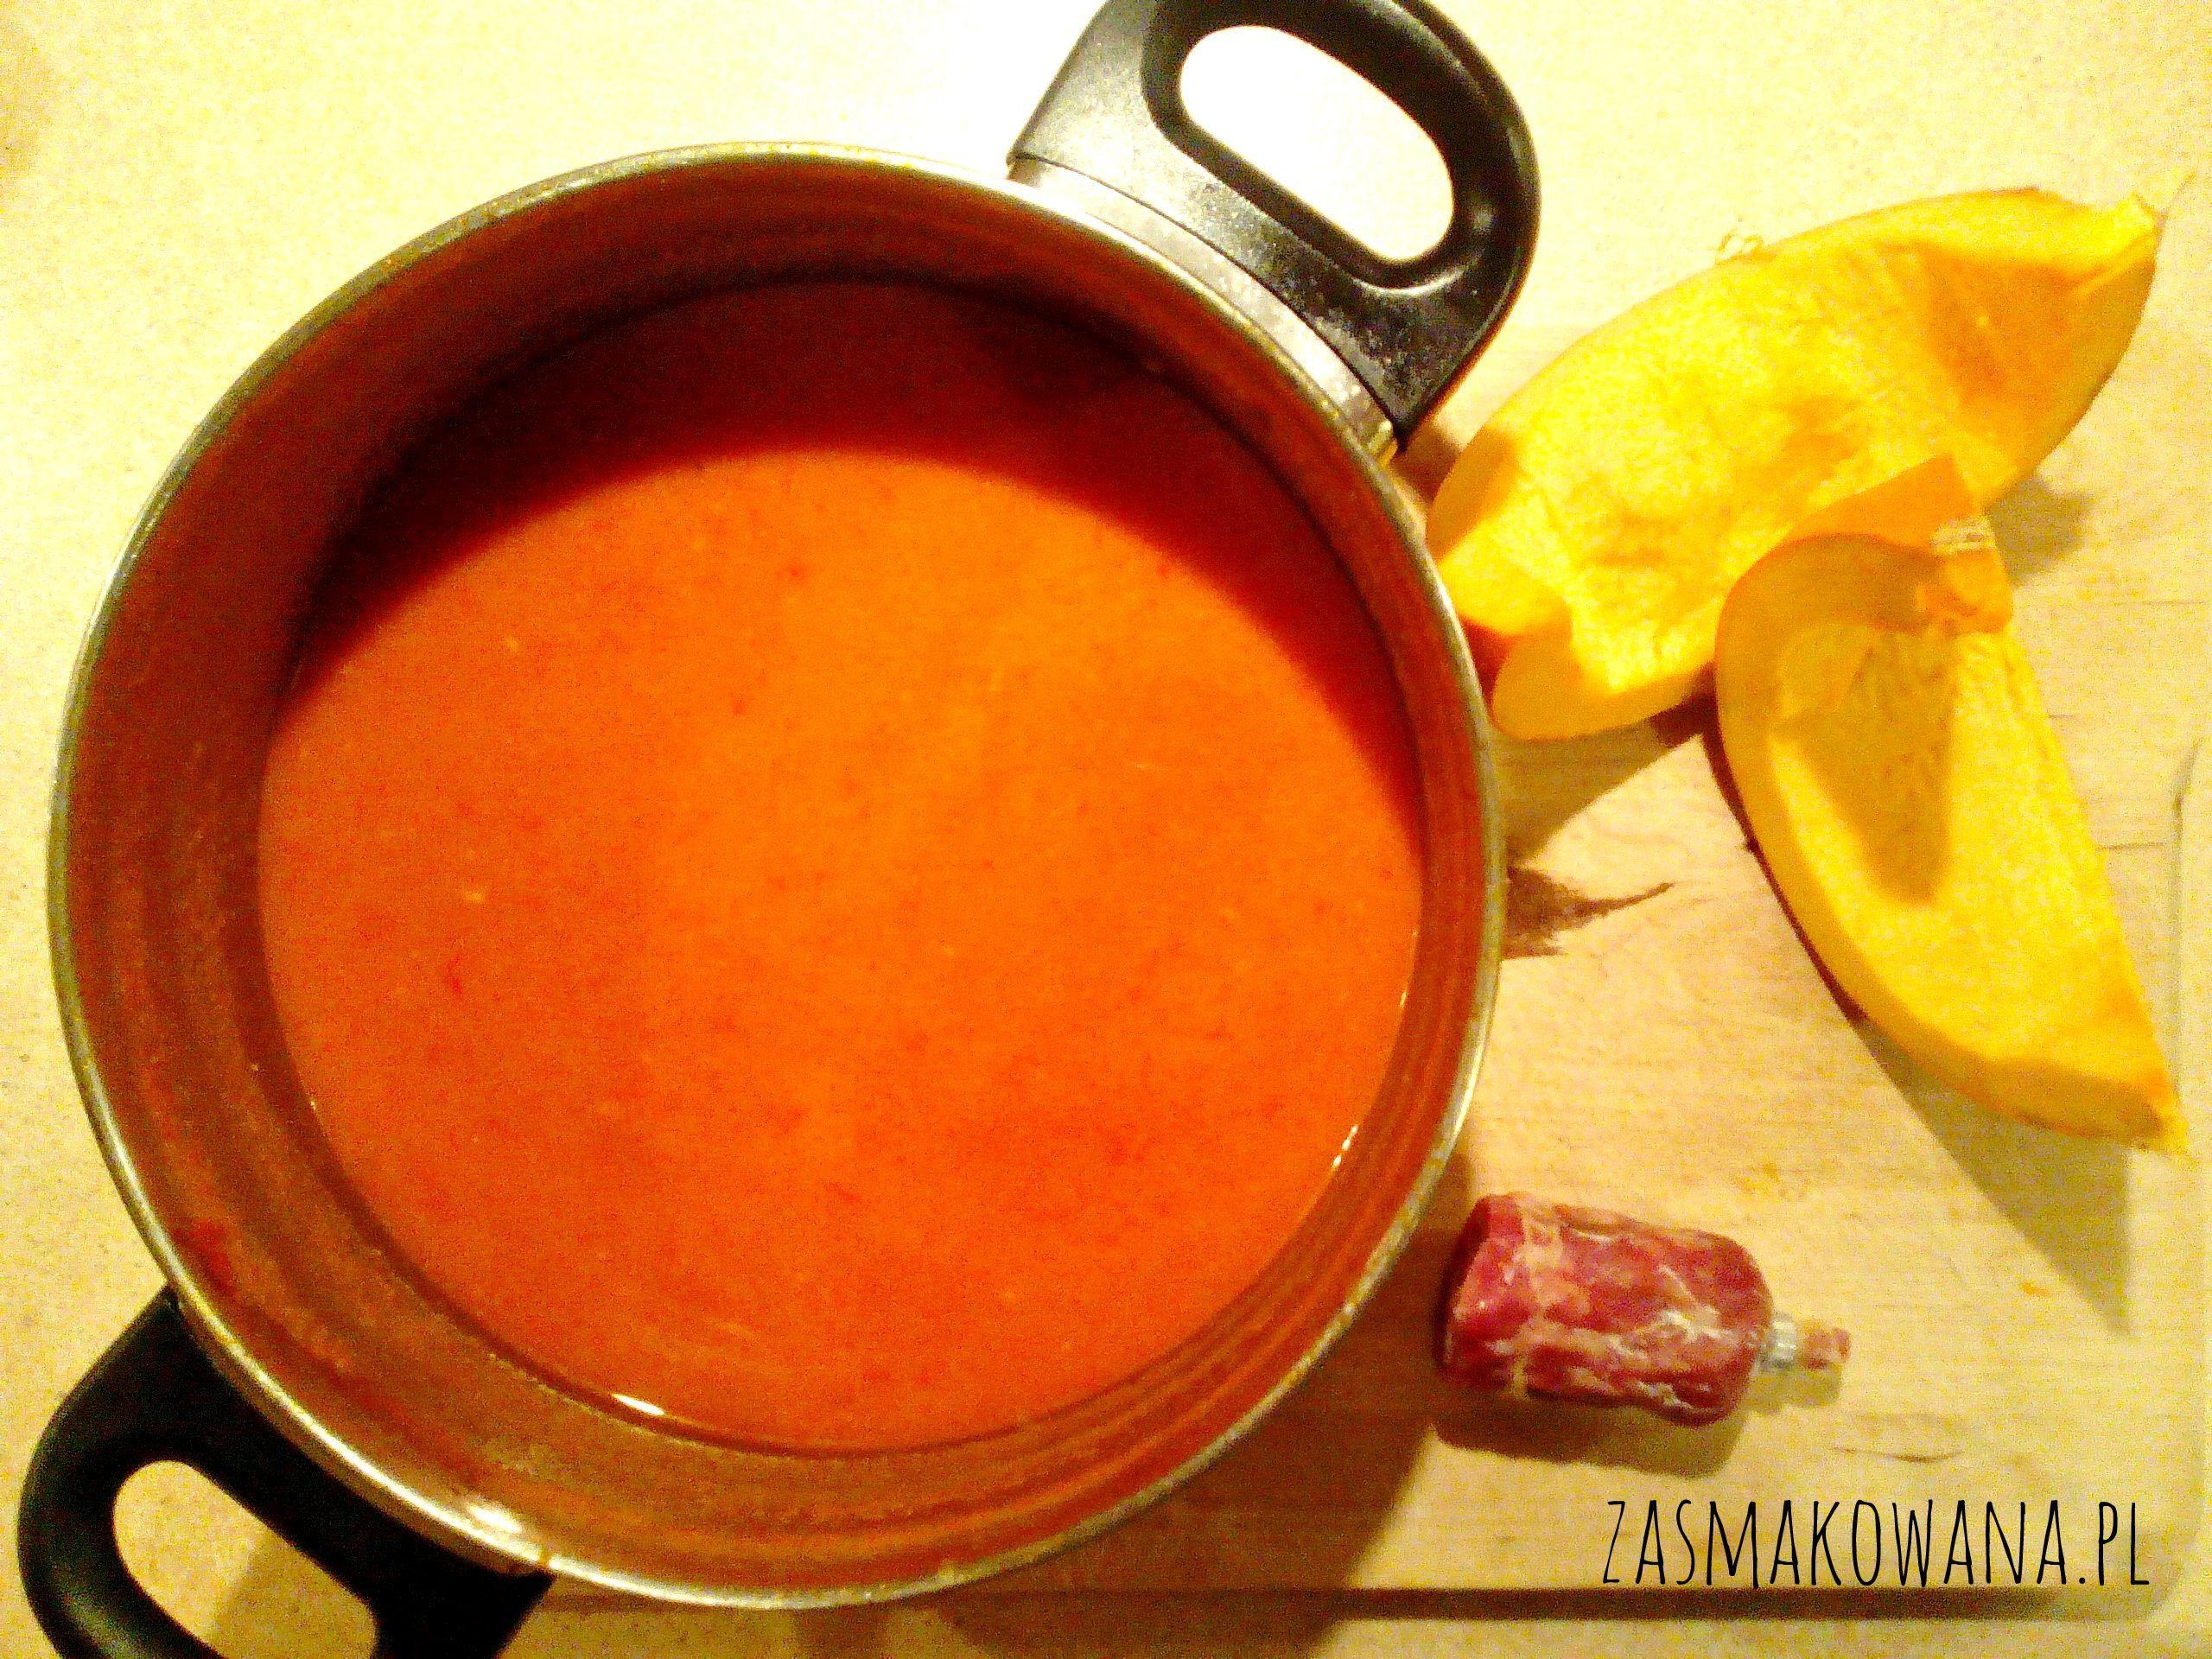 Krem z dyni z kuminem i chorizo http://www.zasmakowana.pl/krem-z-dyni-z-chorizo/